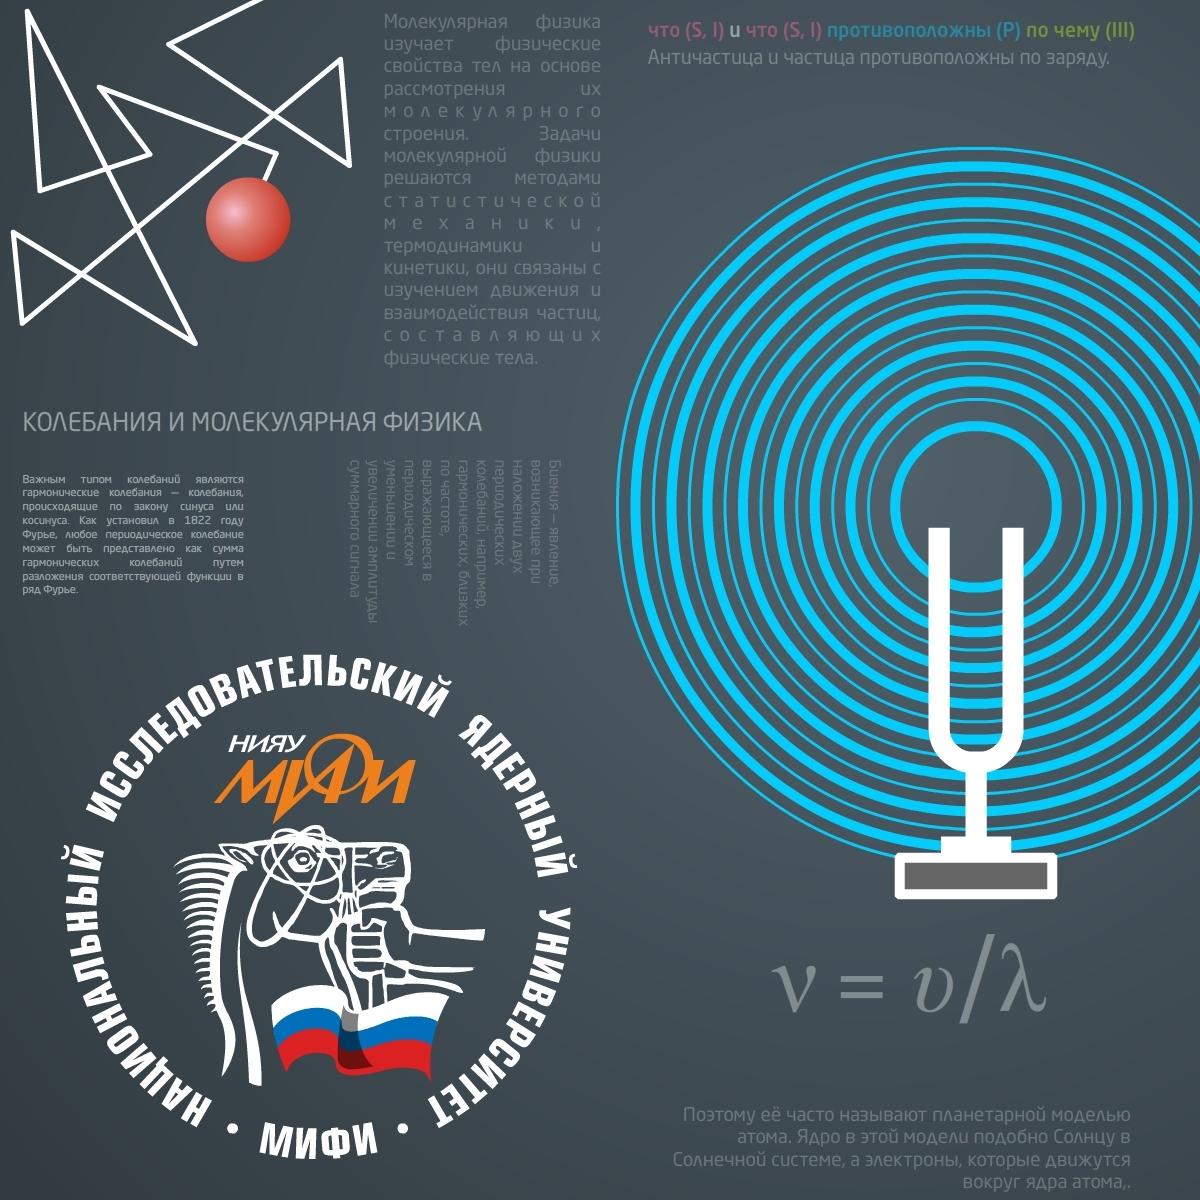 Физика в опытах. Часть 3. Колебания и молекулярная физика course image